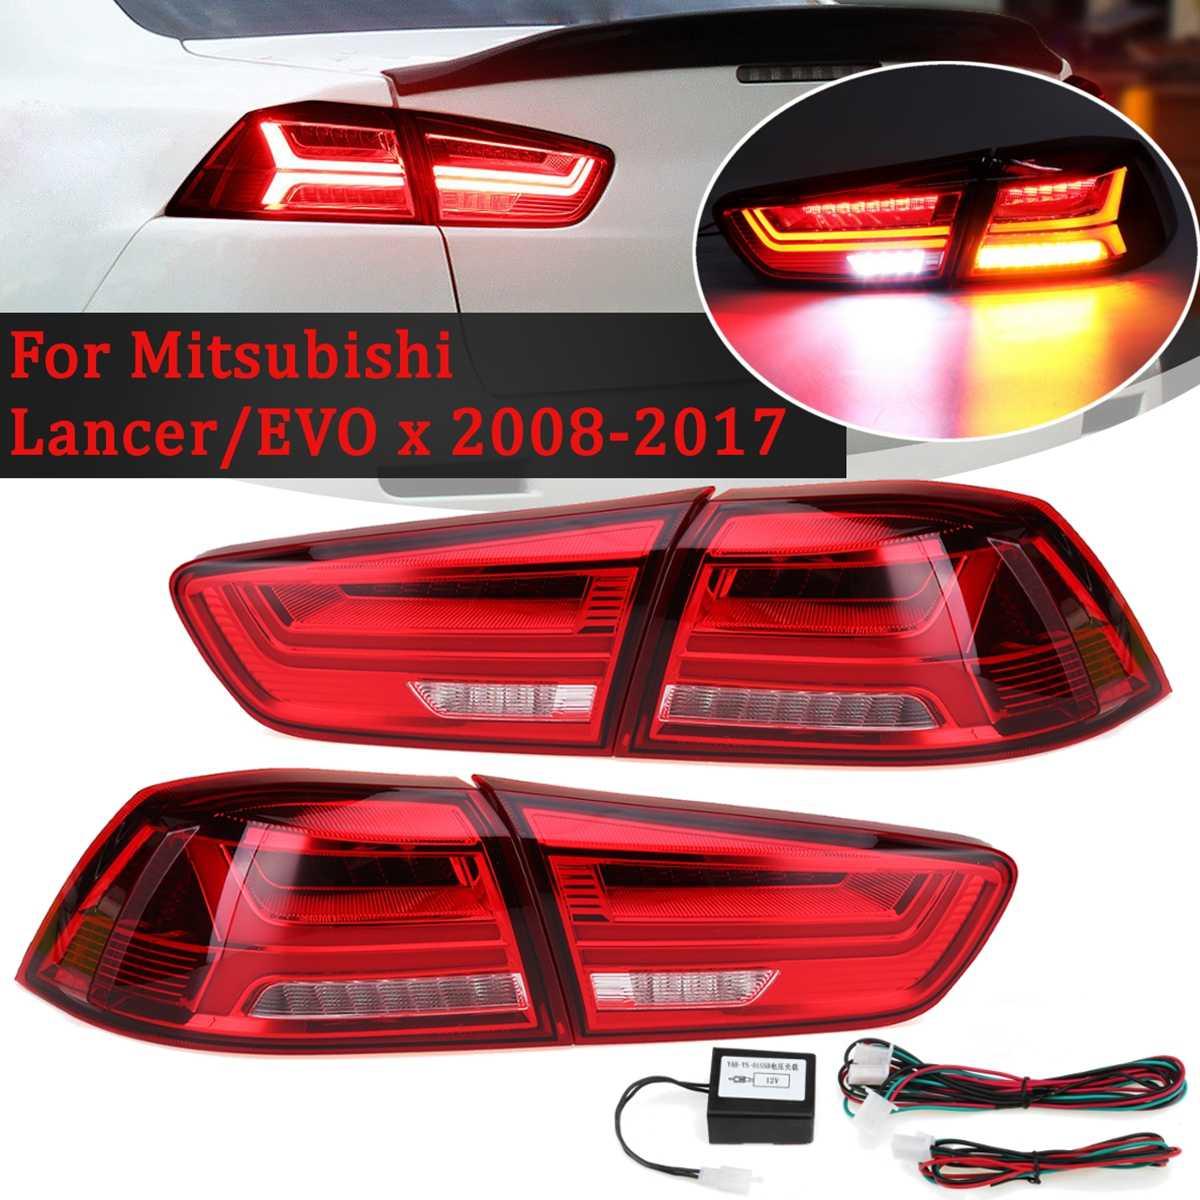 Feu arrière de frein de queue de LED de voiture pour Mitsubishi Lancer EVO EVOx 2008-2017 rouge Shell lampes LED de Signal DRL Stop accessoires de lampe arrière